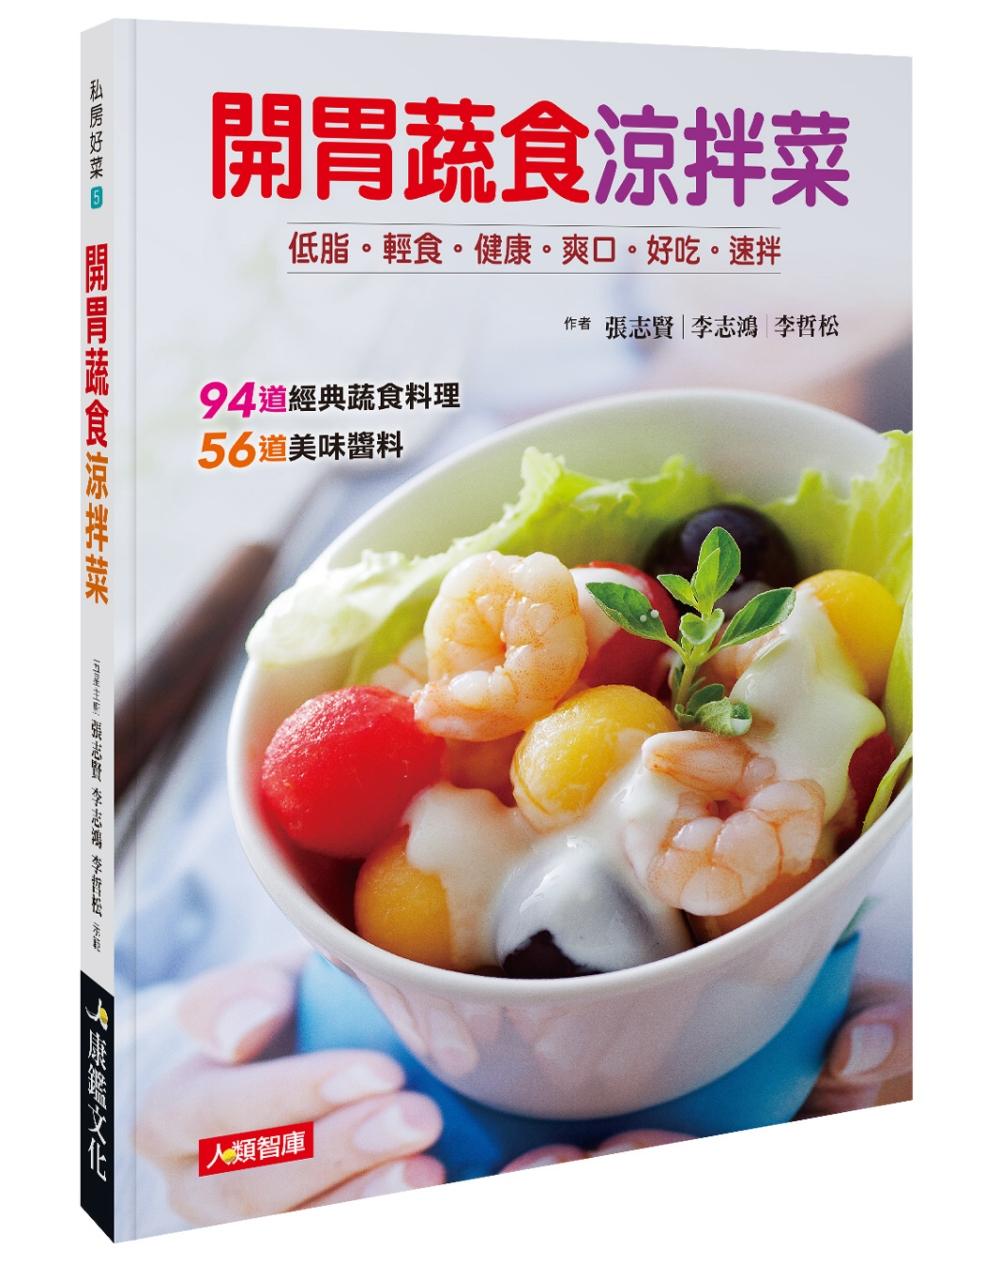 開胃蔬食涼拌菜